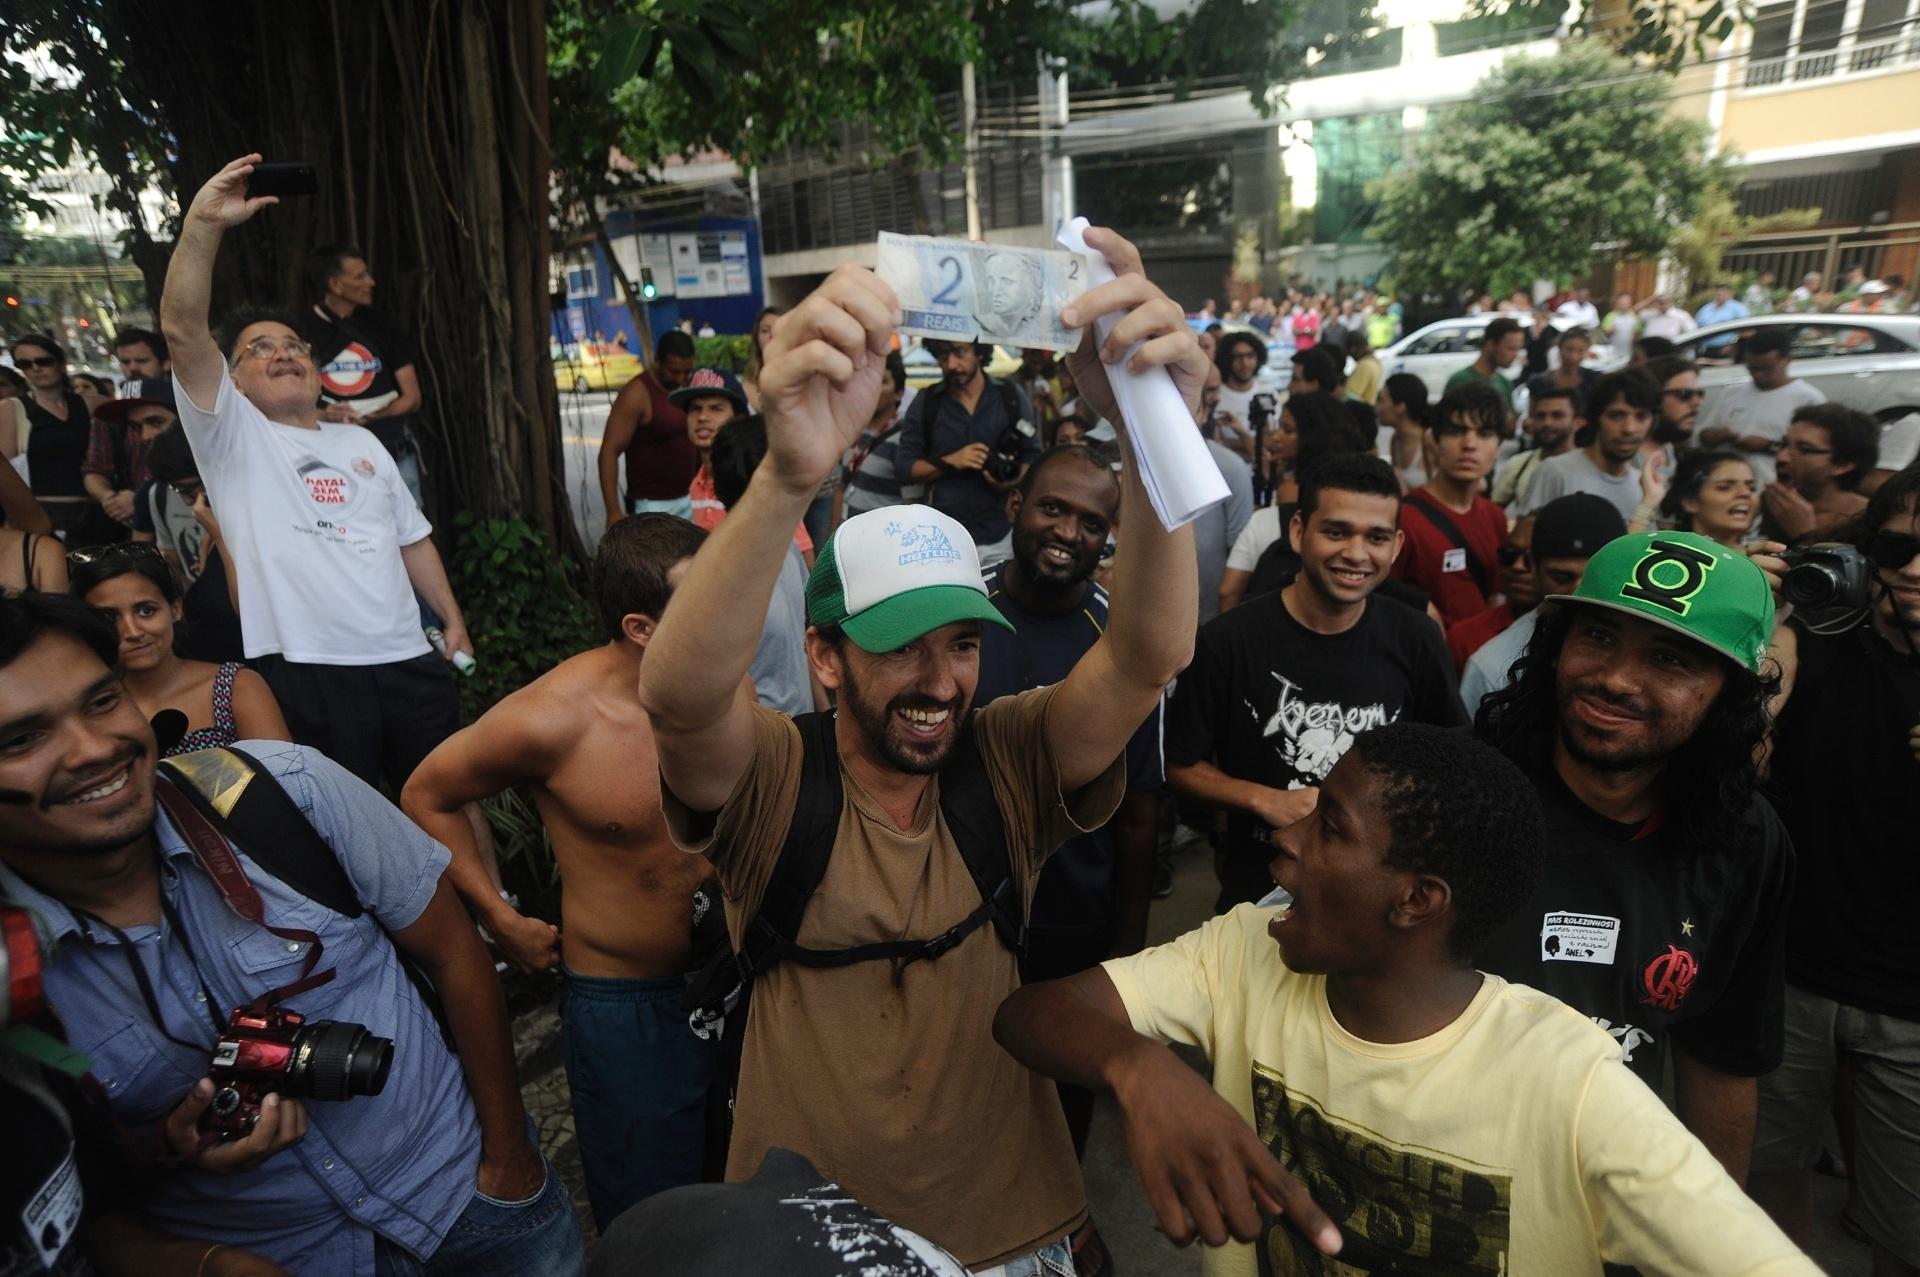 19.jan.2014 - Pessoas protestam em frente ao shopping Leblon, na zona sul do Rio de Janeiro, contra o impedimento da realização de rolezinhos dentro desse tipo estabelecimento comercial. O shopping foi fechado neste domingo (19), por causa do movimento